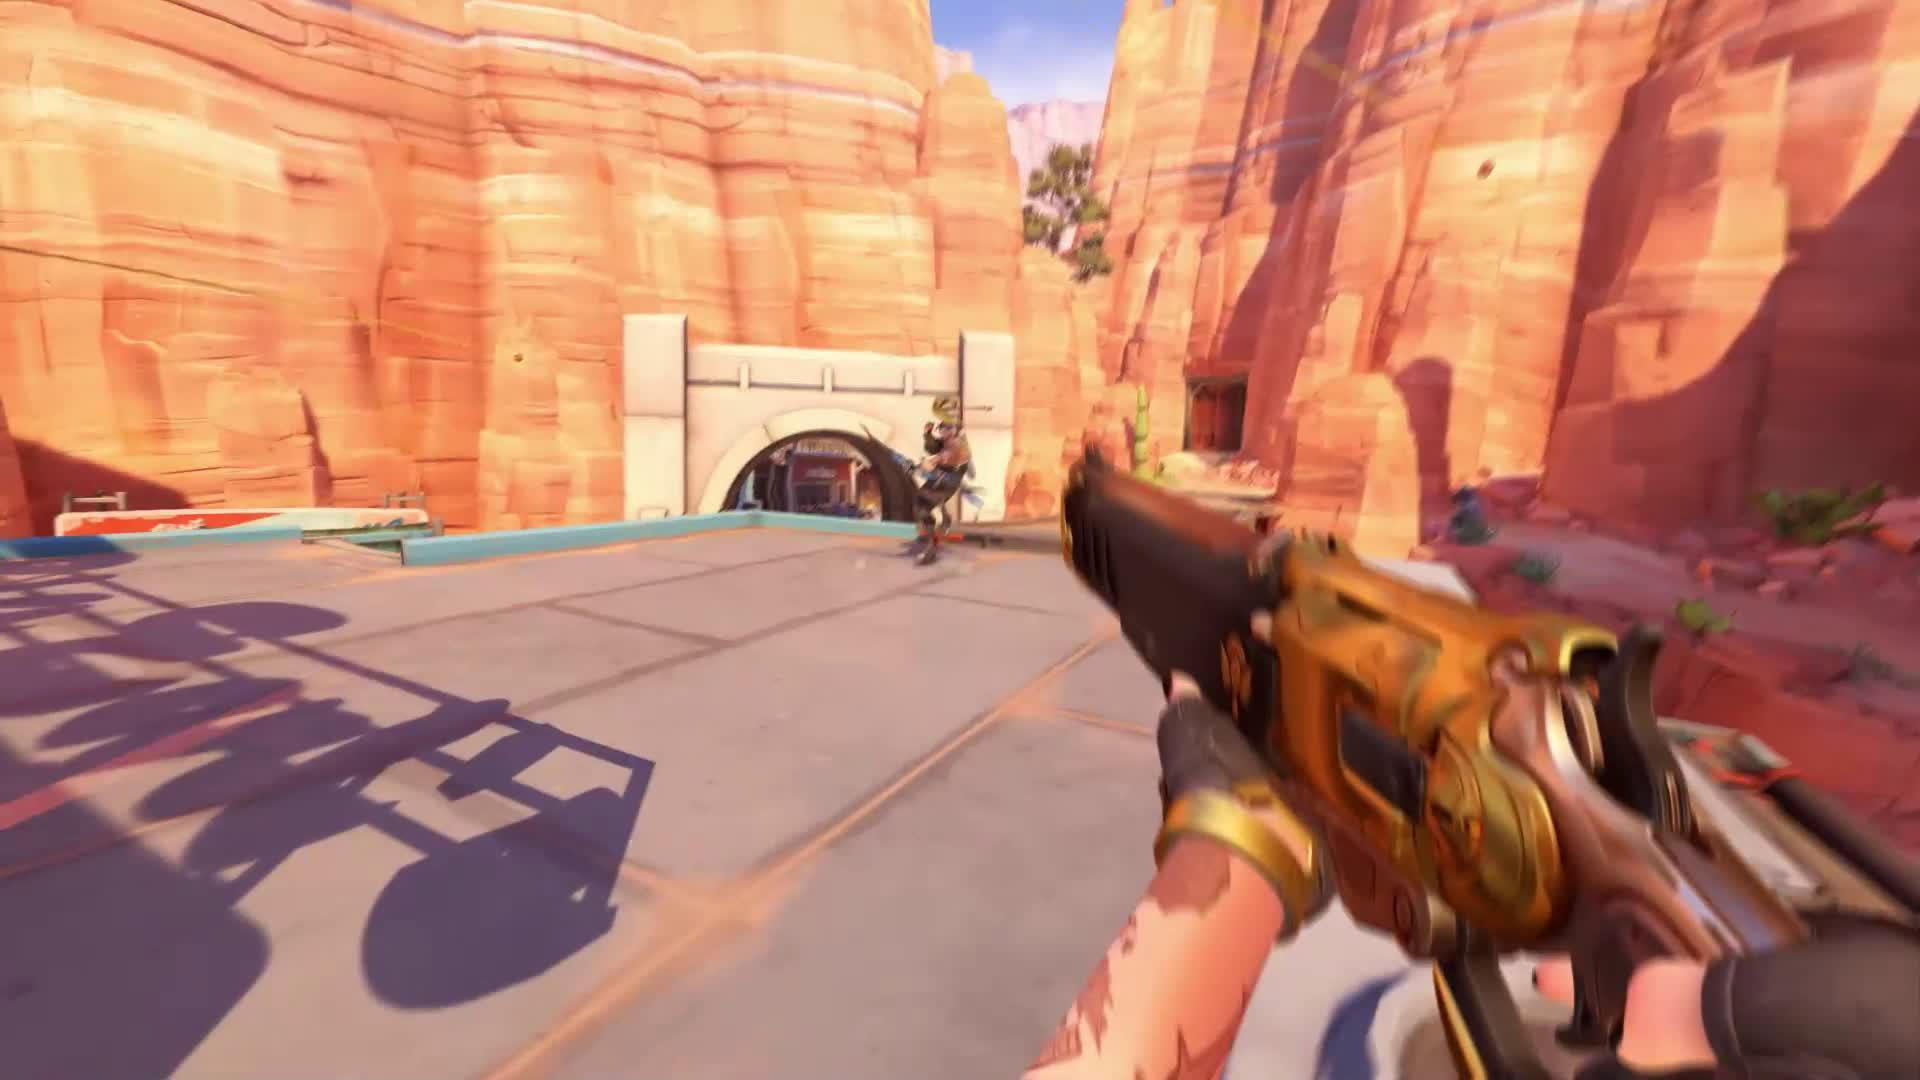 《守望先锋》最新女英雄艾什公布 武器火枪可扔炸弹